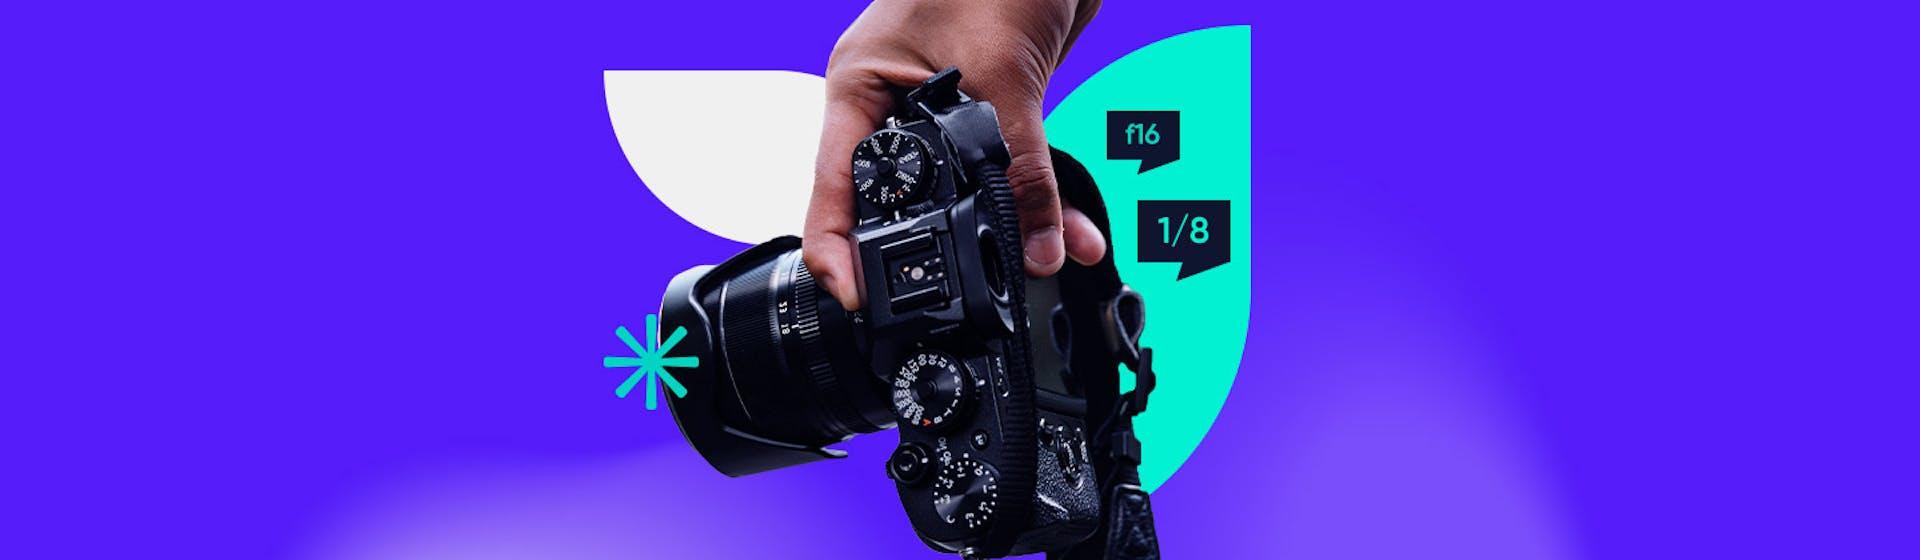 Ley de la reciprocidad: domina la luz que ingresa por el sensor de tu cámara